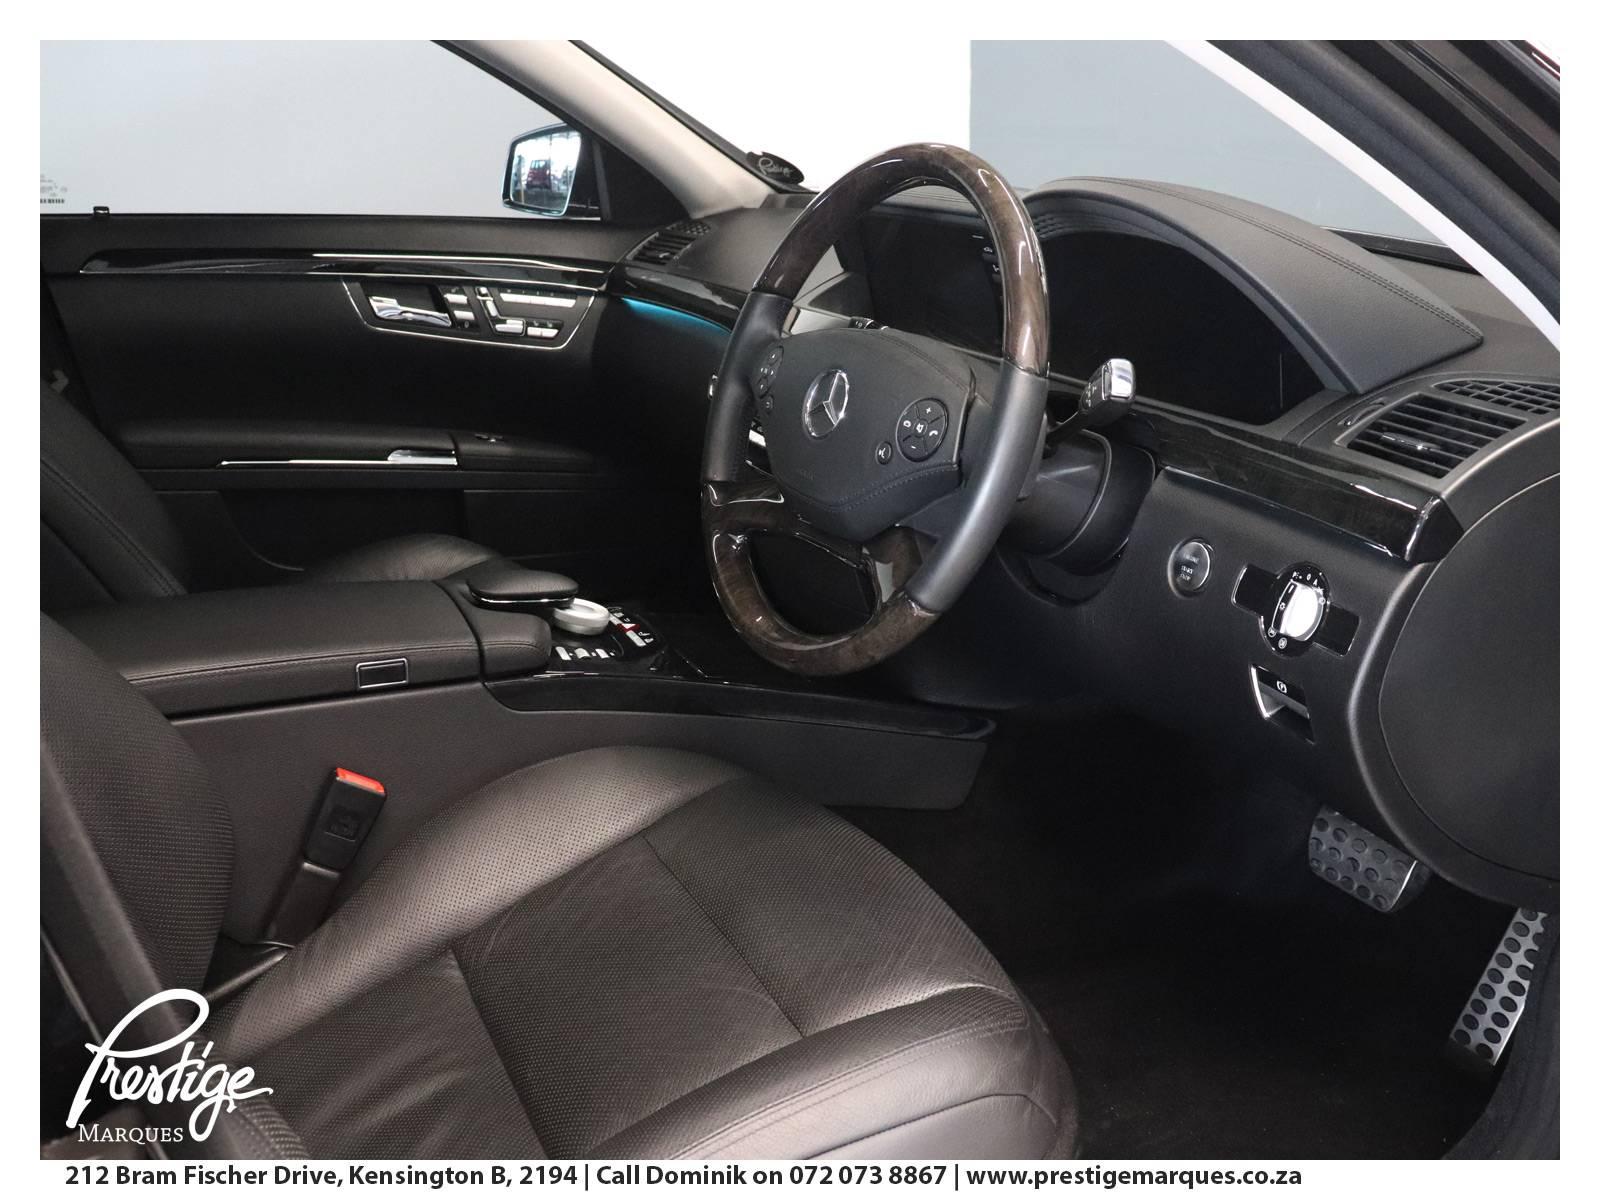 2011-Mercedes-Benz-S350-Prestige-Marques-Randburg-Sandton-10